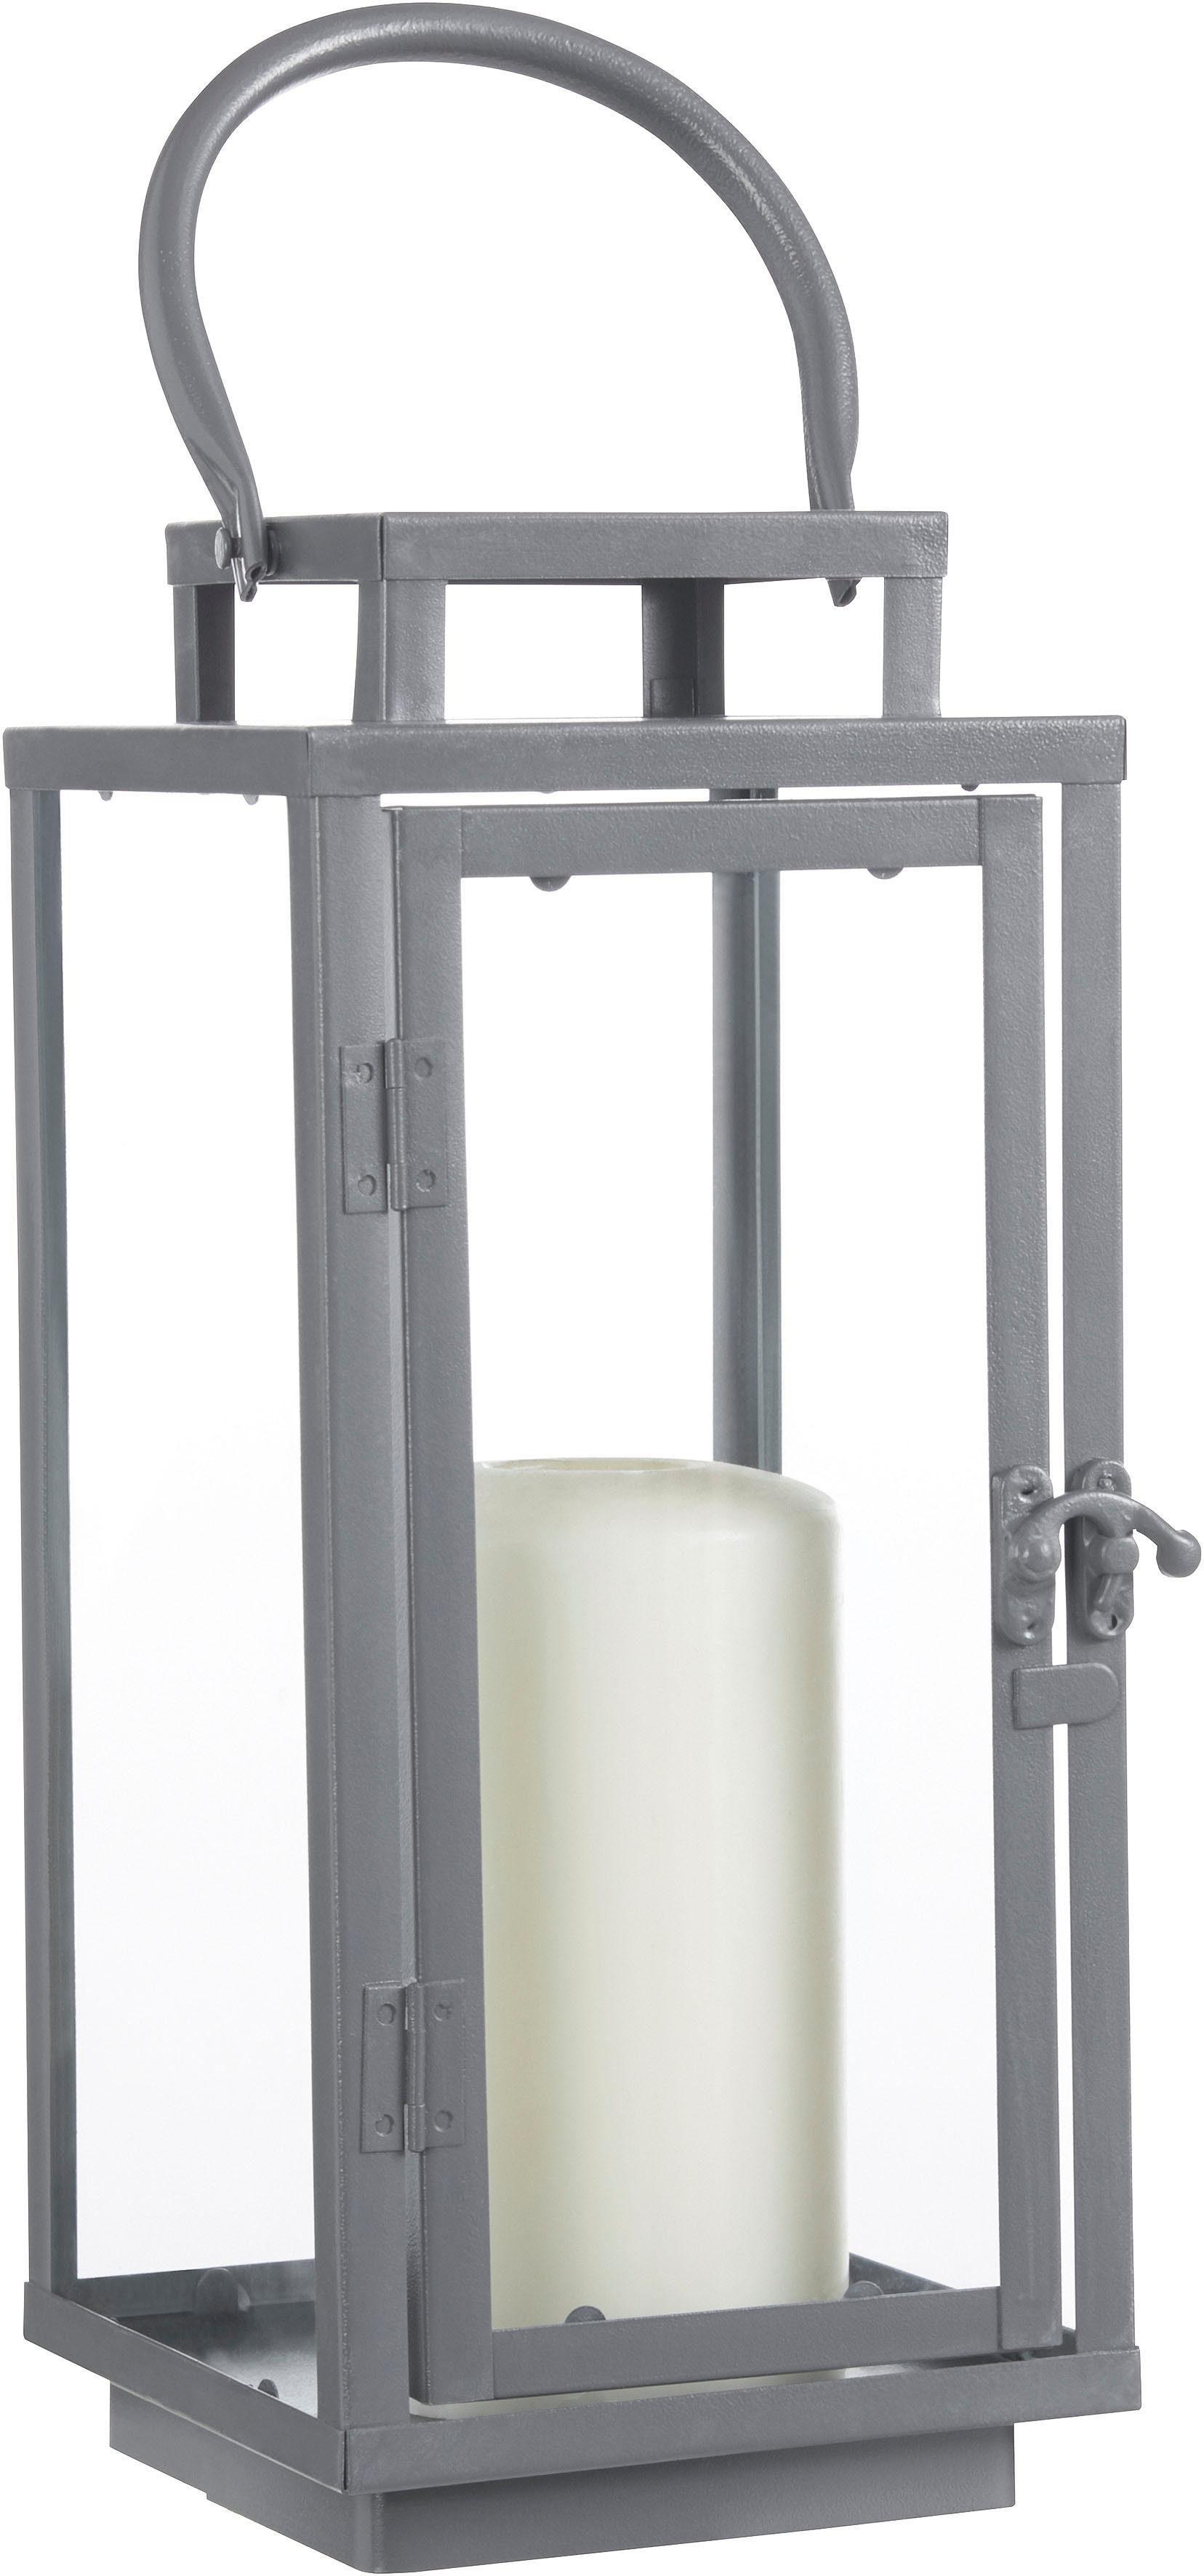 andas Laterne Wohnen/Accessoires & Leuchten/Wohnaccessoires/Kerzen & Laternen/Kerzenhalter